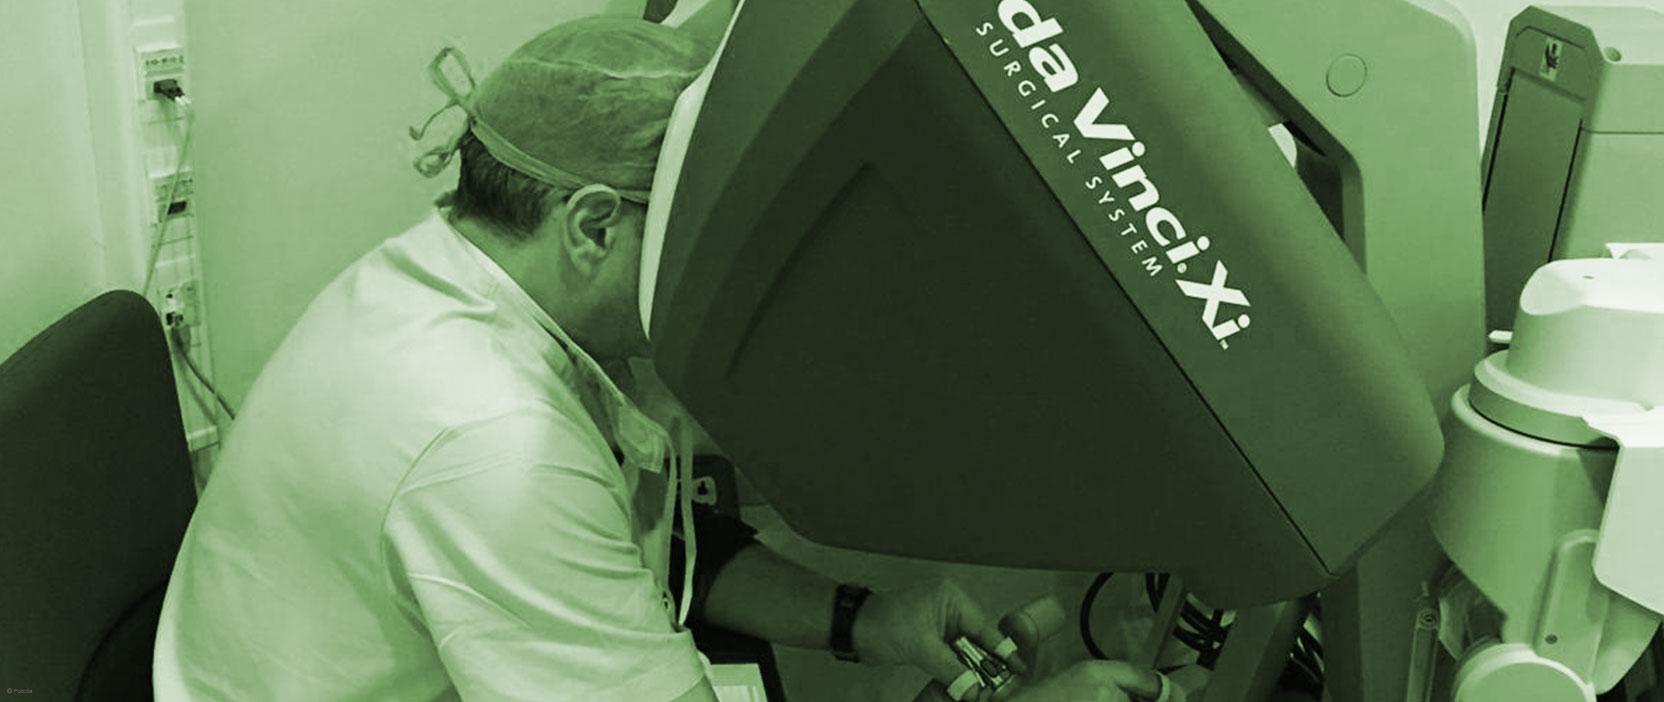 Ángel Tabernero, urólogo de HLA Universitario Moncloa, trabaja con el robot Da Vinci.